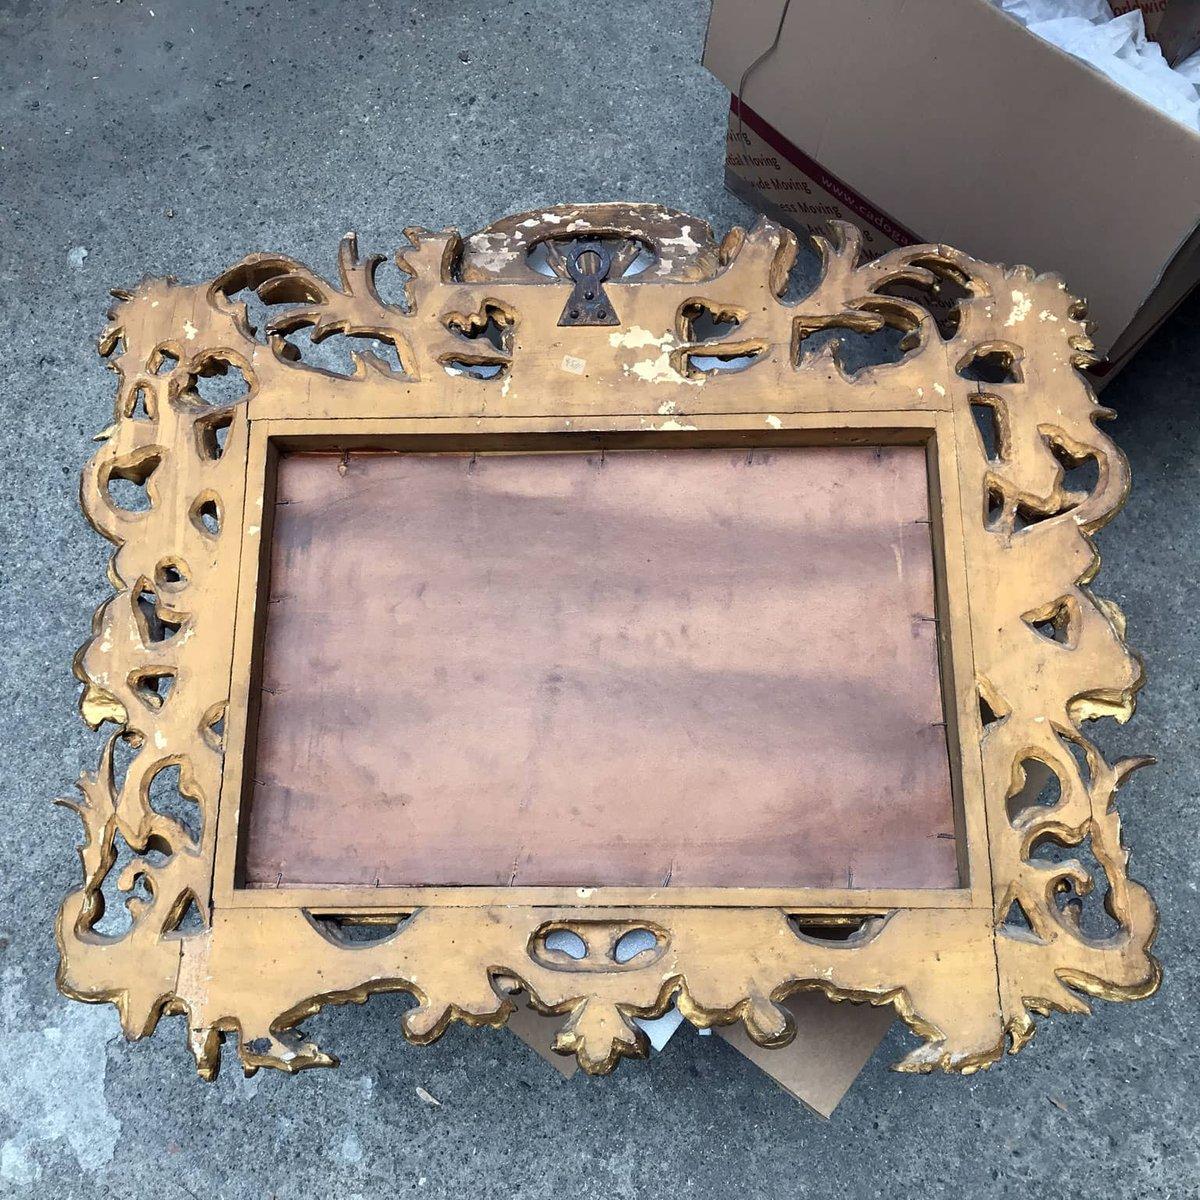 Miroir rectangulaire antique sculpt et dor en vente sur pamono for Miroir dore rectangulaire